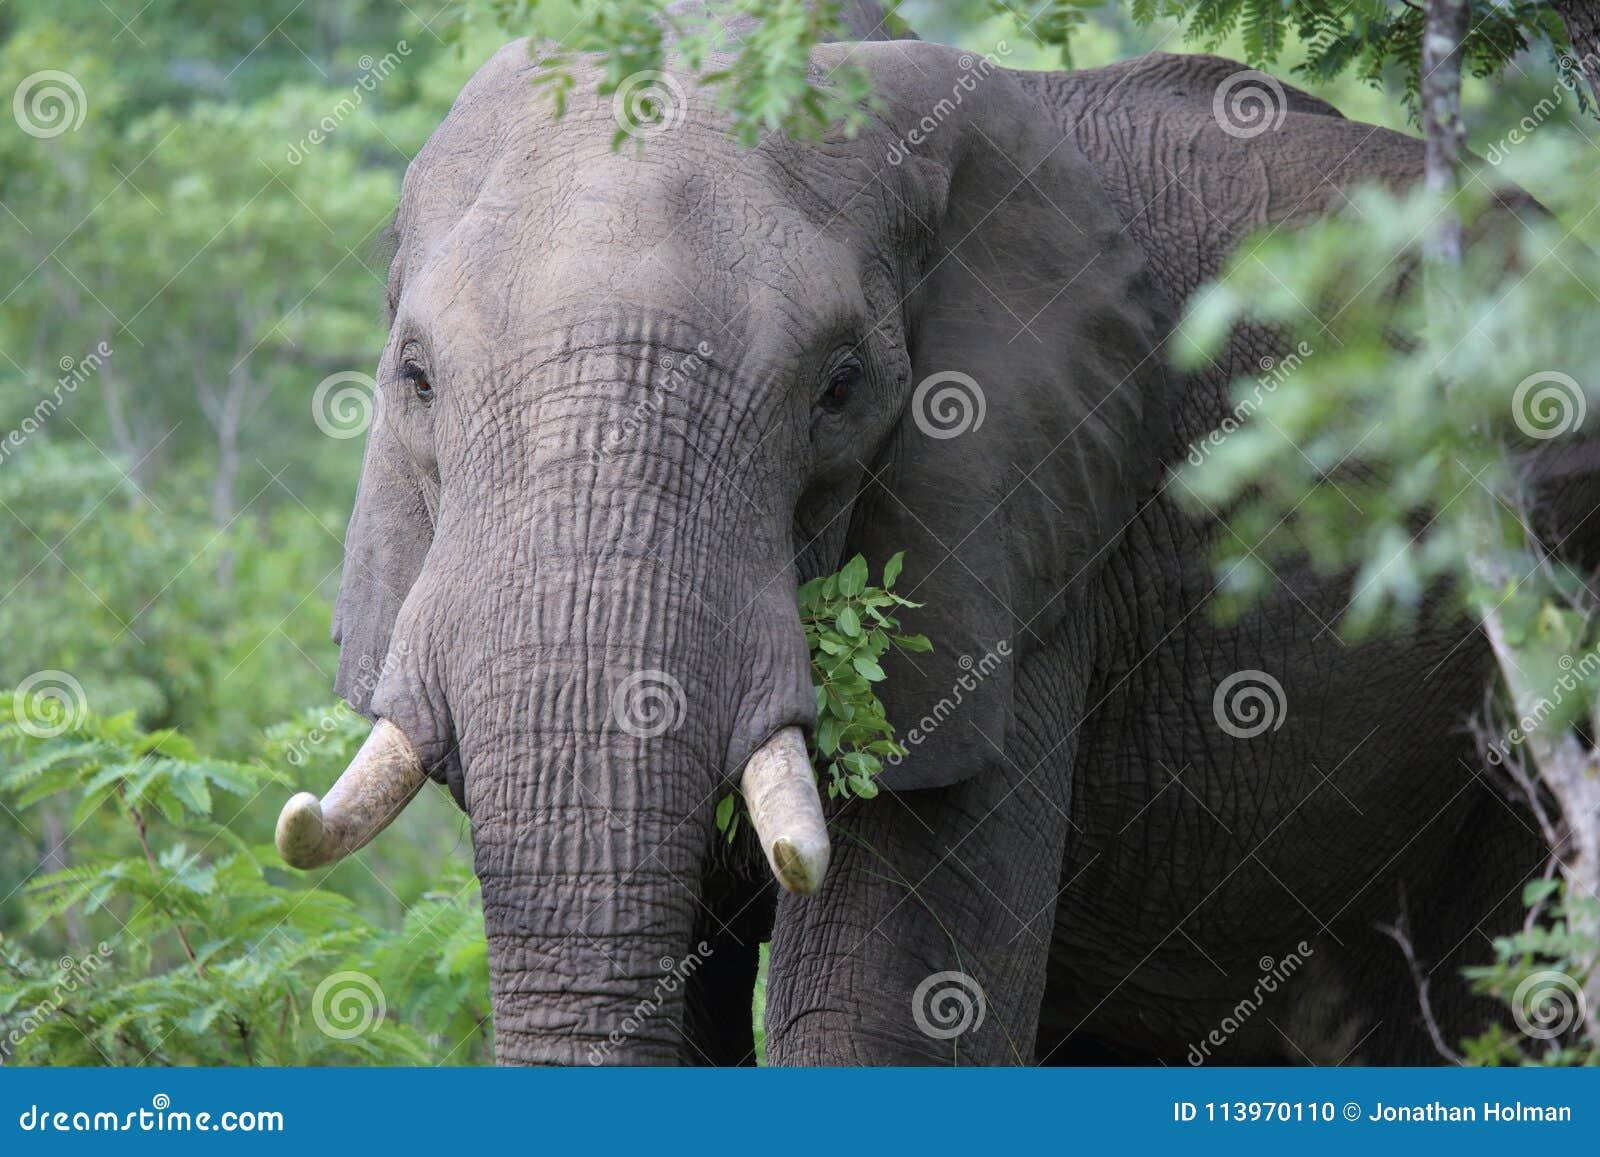 Elephant in Hwage National Park, Zimbabwe, Elephant, Tusks, Elephant`s Eye Lodge